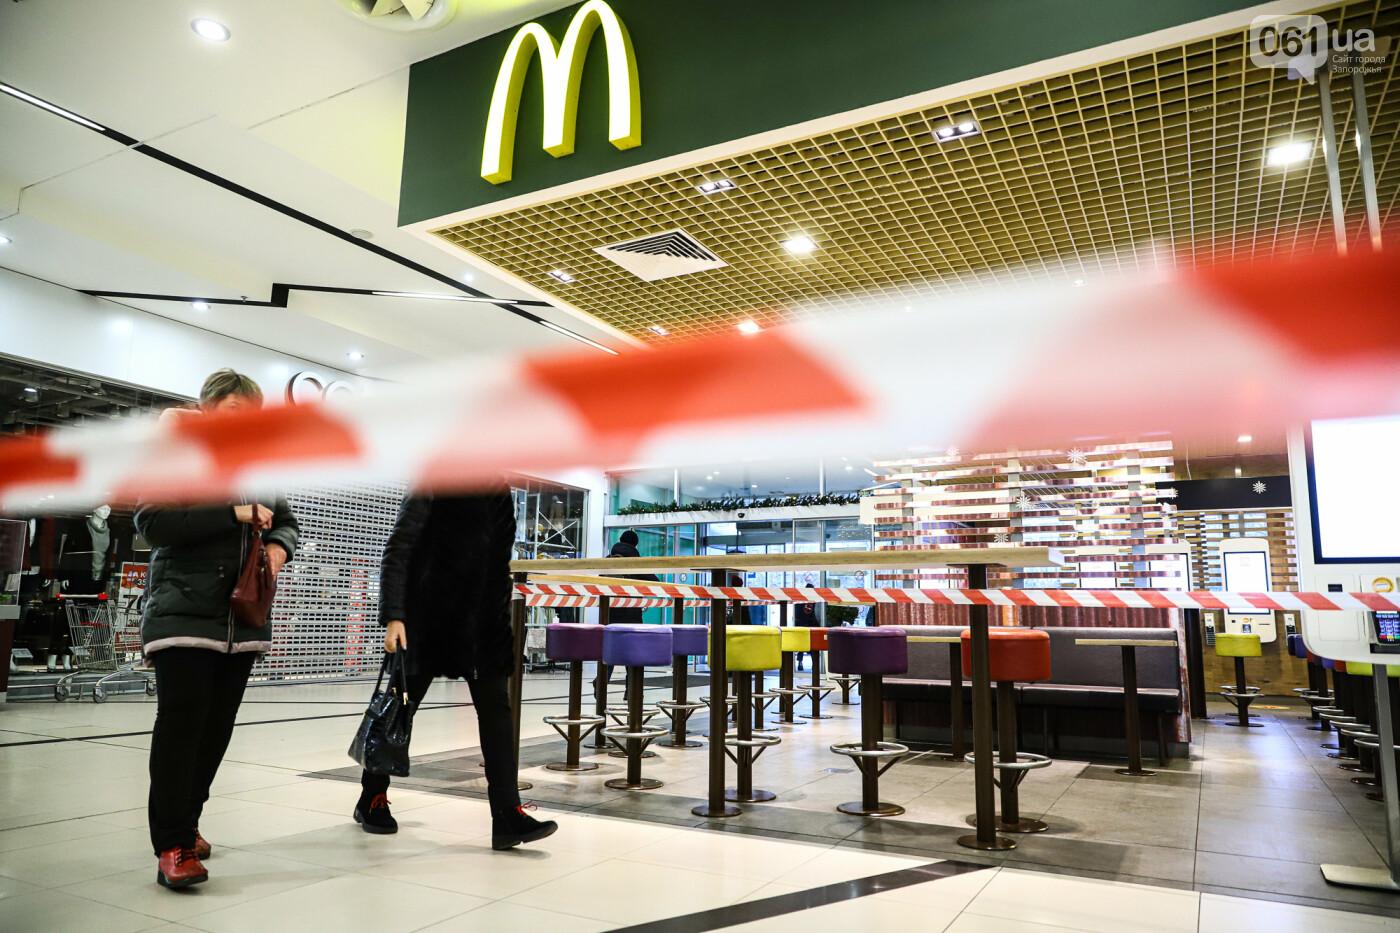 Защитные ленты на товарах, неработающие ТРЦ и полузакрытые рынки – фоторепортаж о первом дне локдауна в Запорожье, фото-28